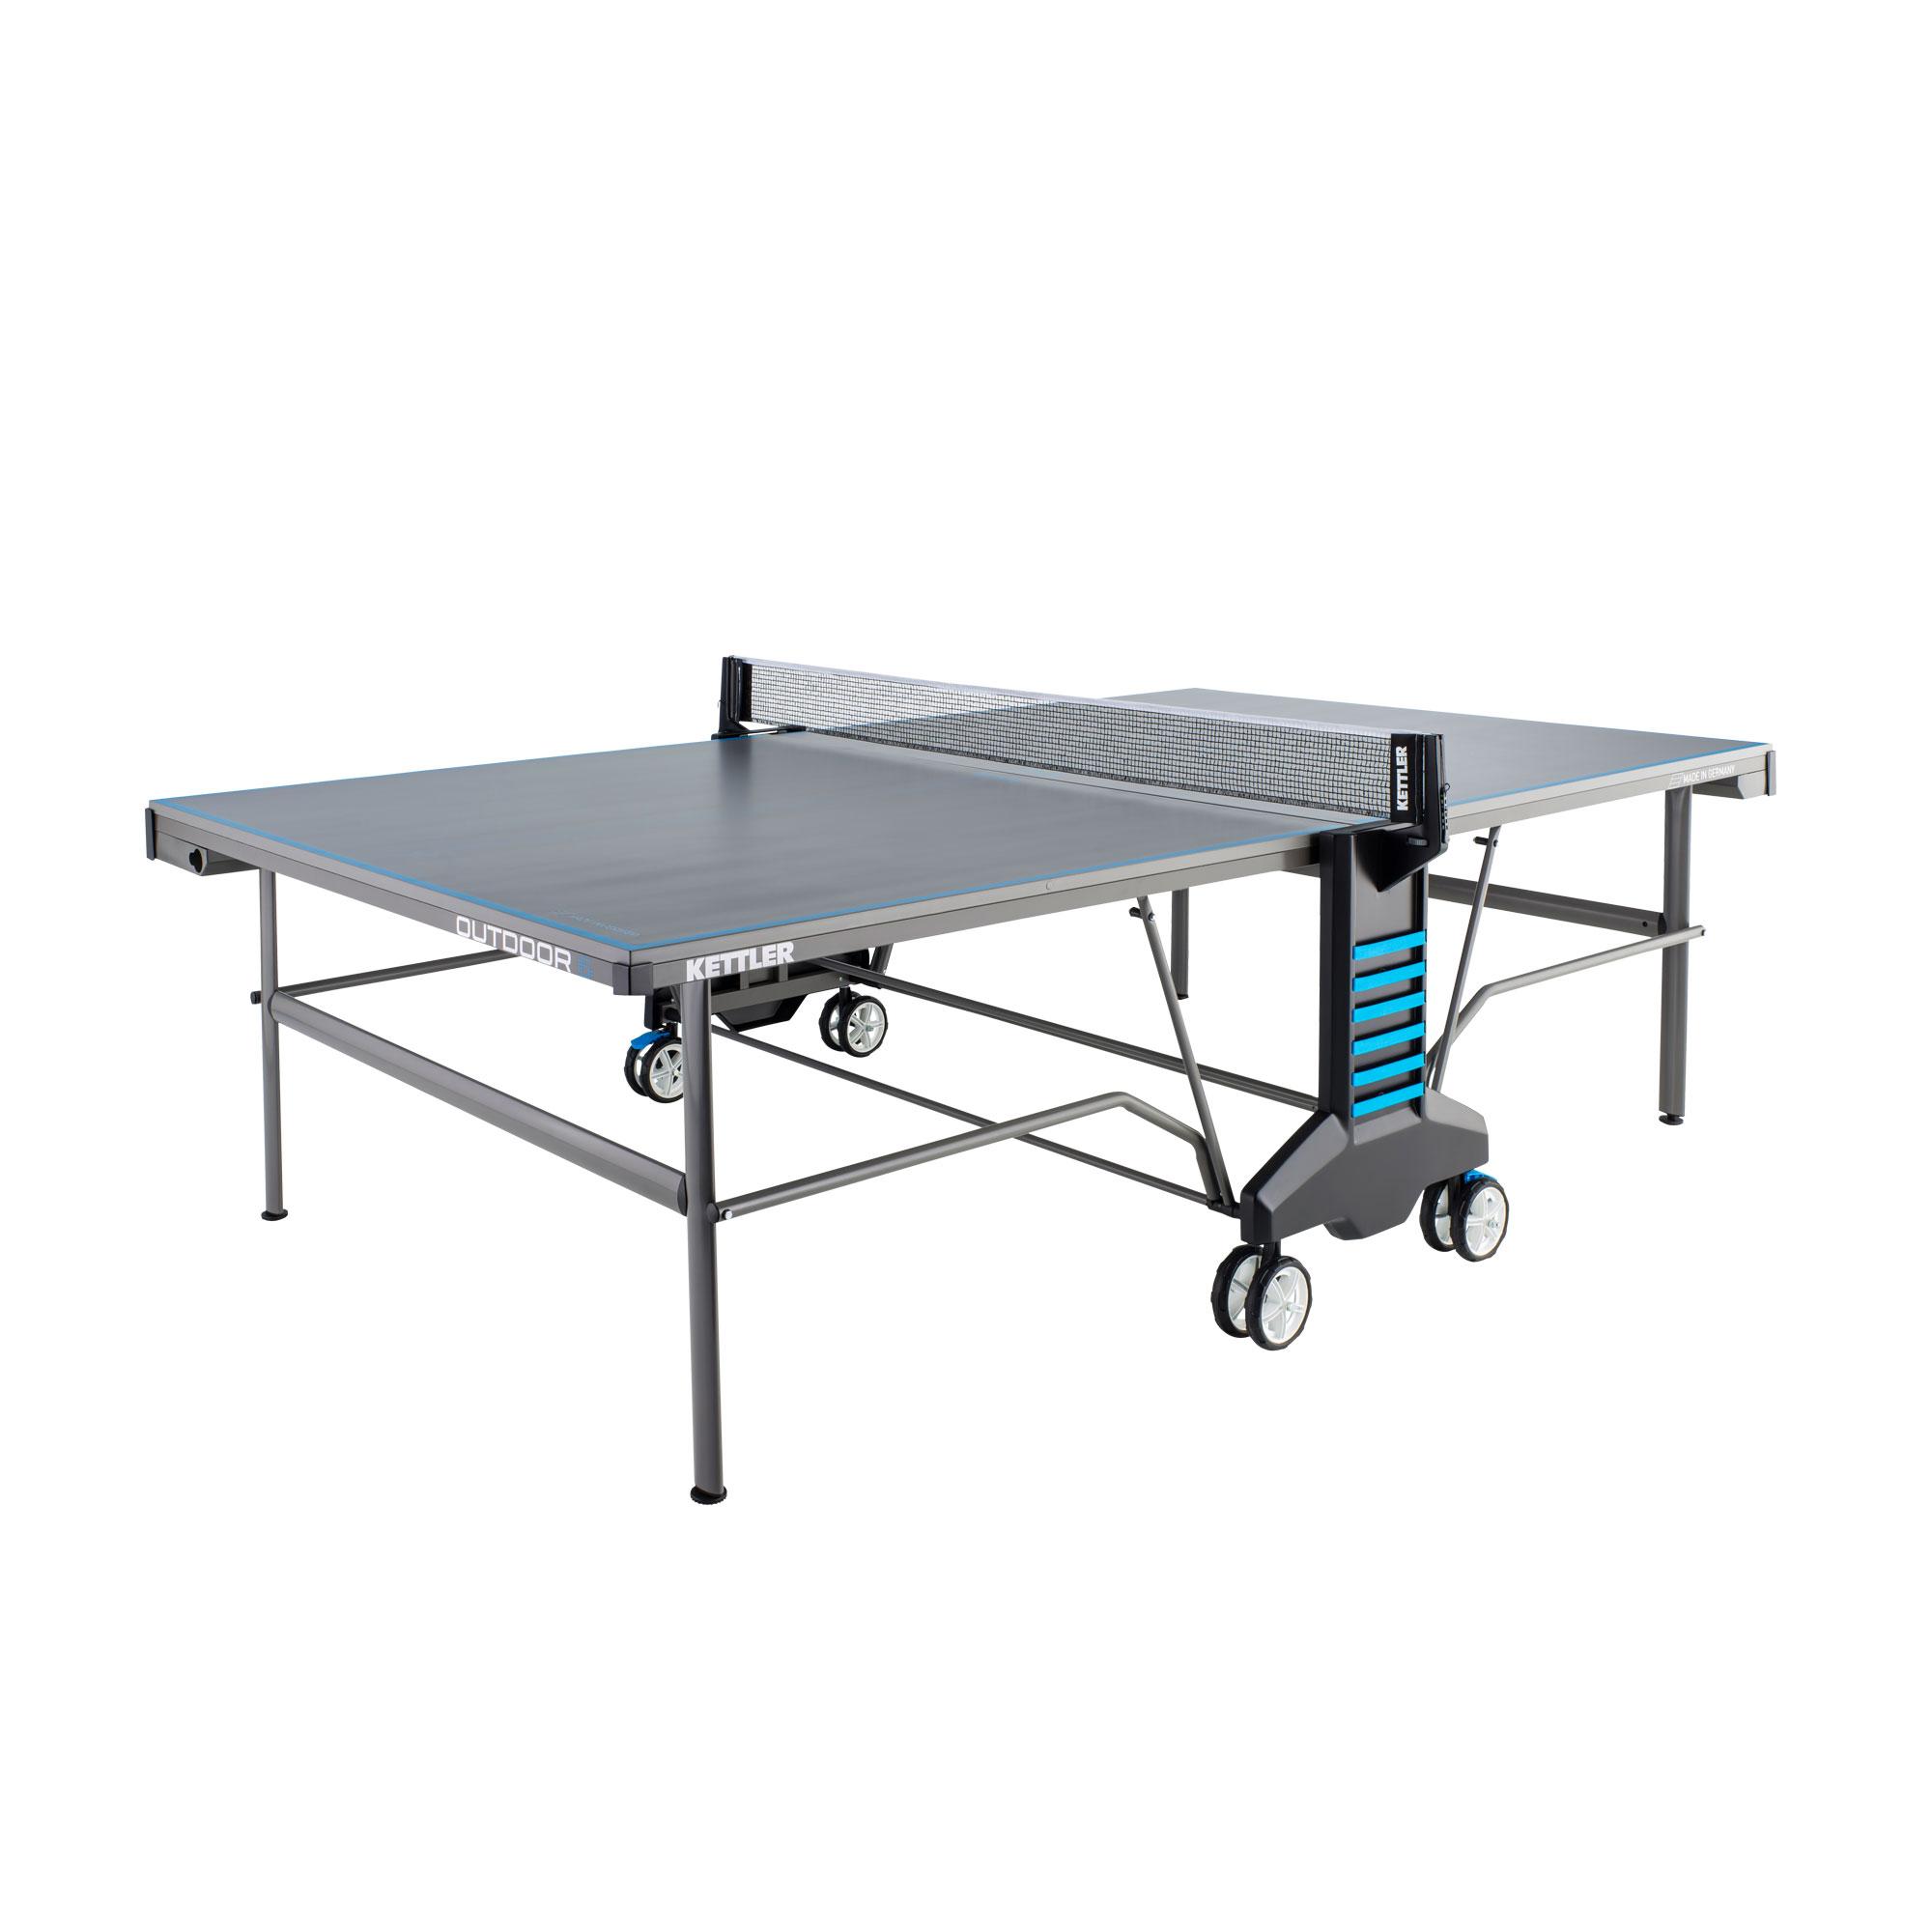 Pingpongový stůl venkovní KETTLER OUTDOOR 6 + rozšířená záruka 60 měsíců ZDARMA